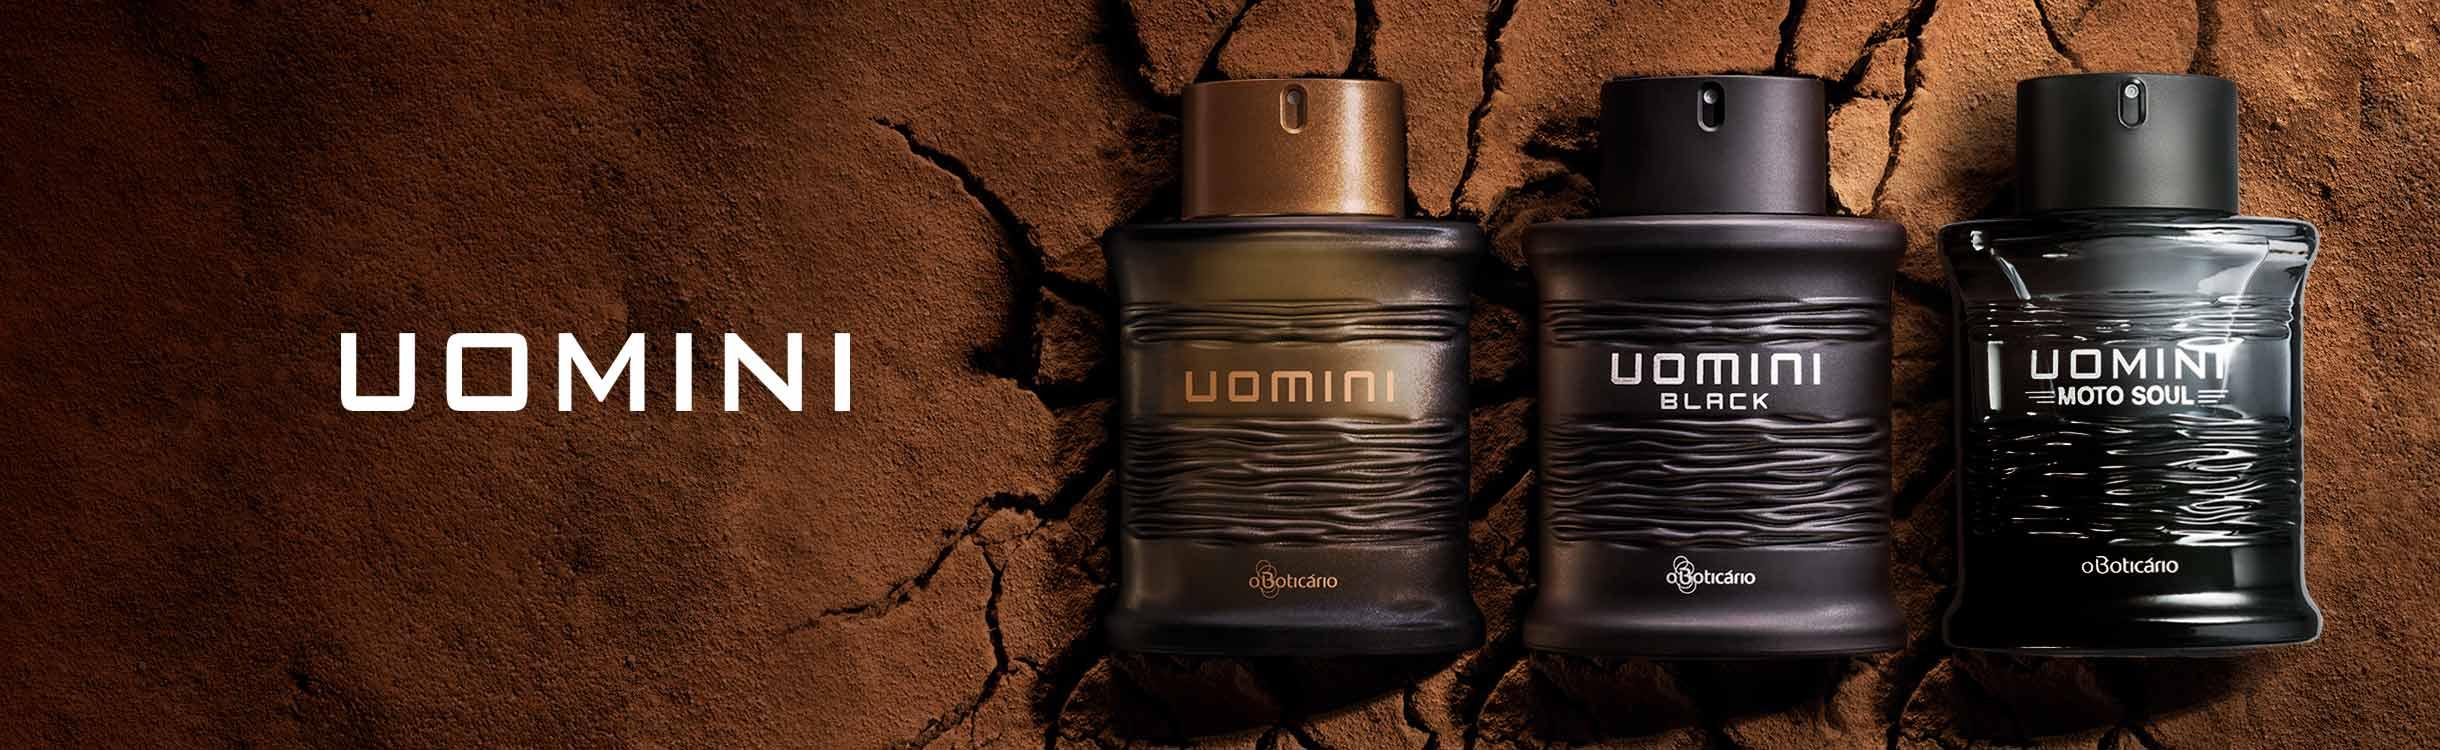 Uomini Perfumaria Masculino Desodorante